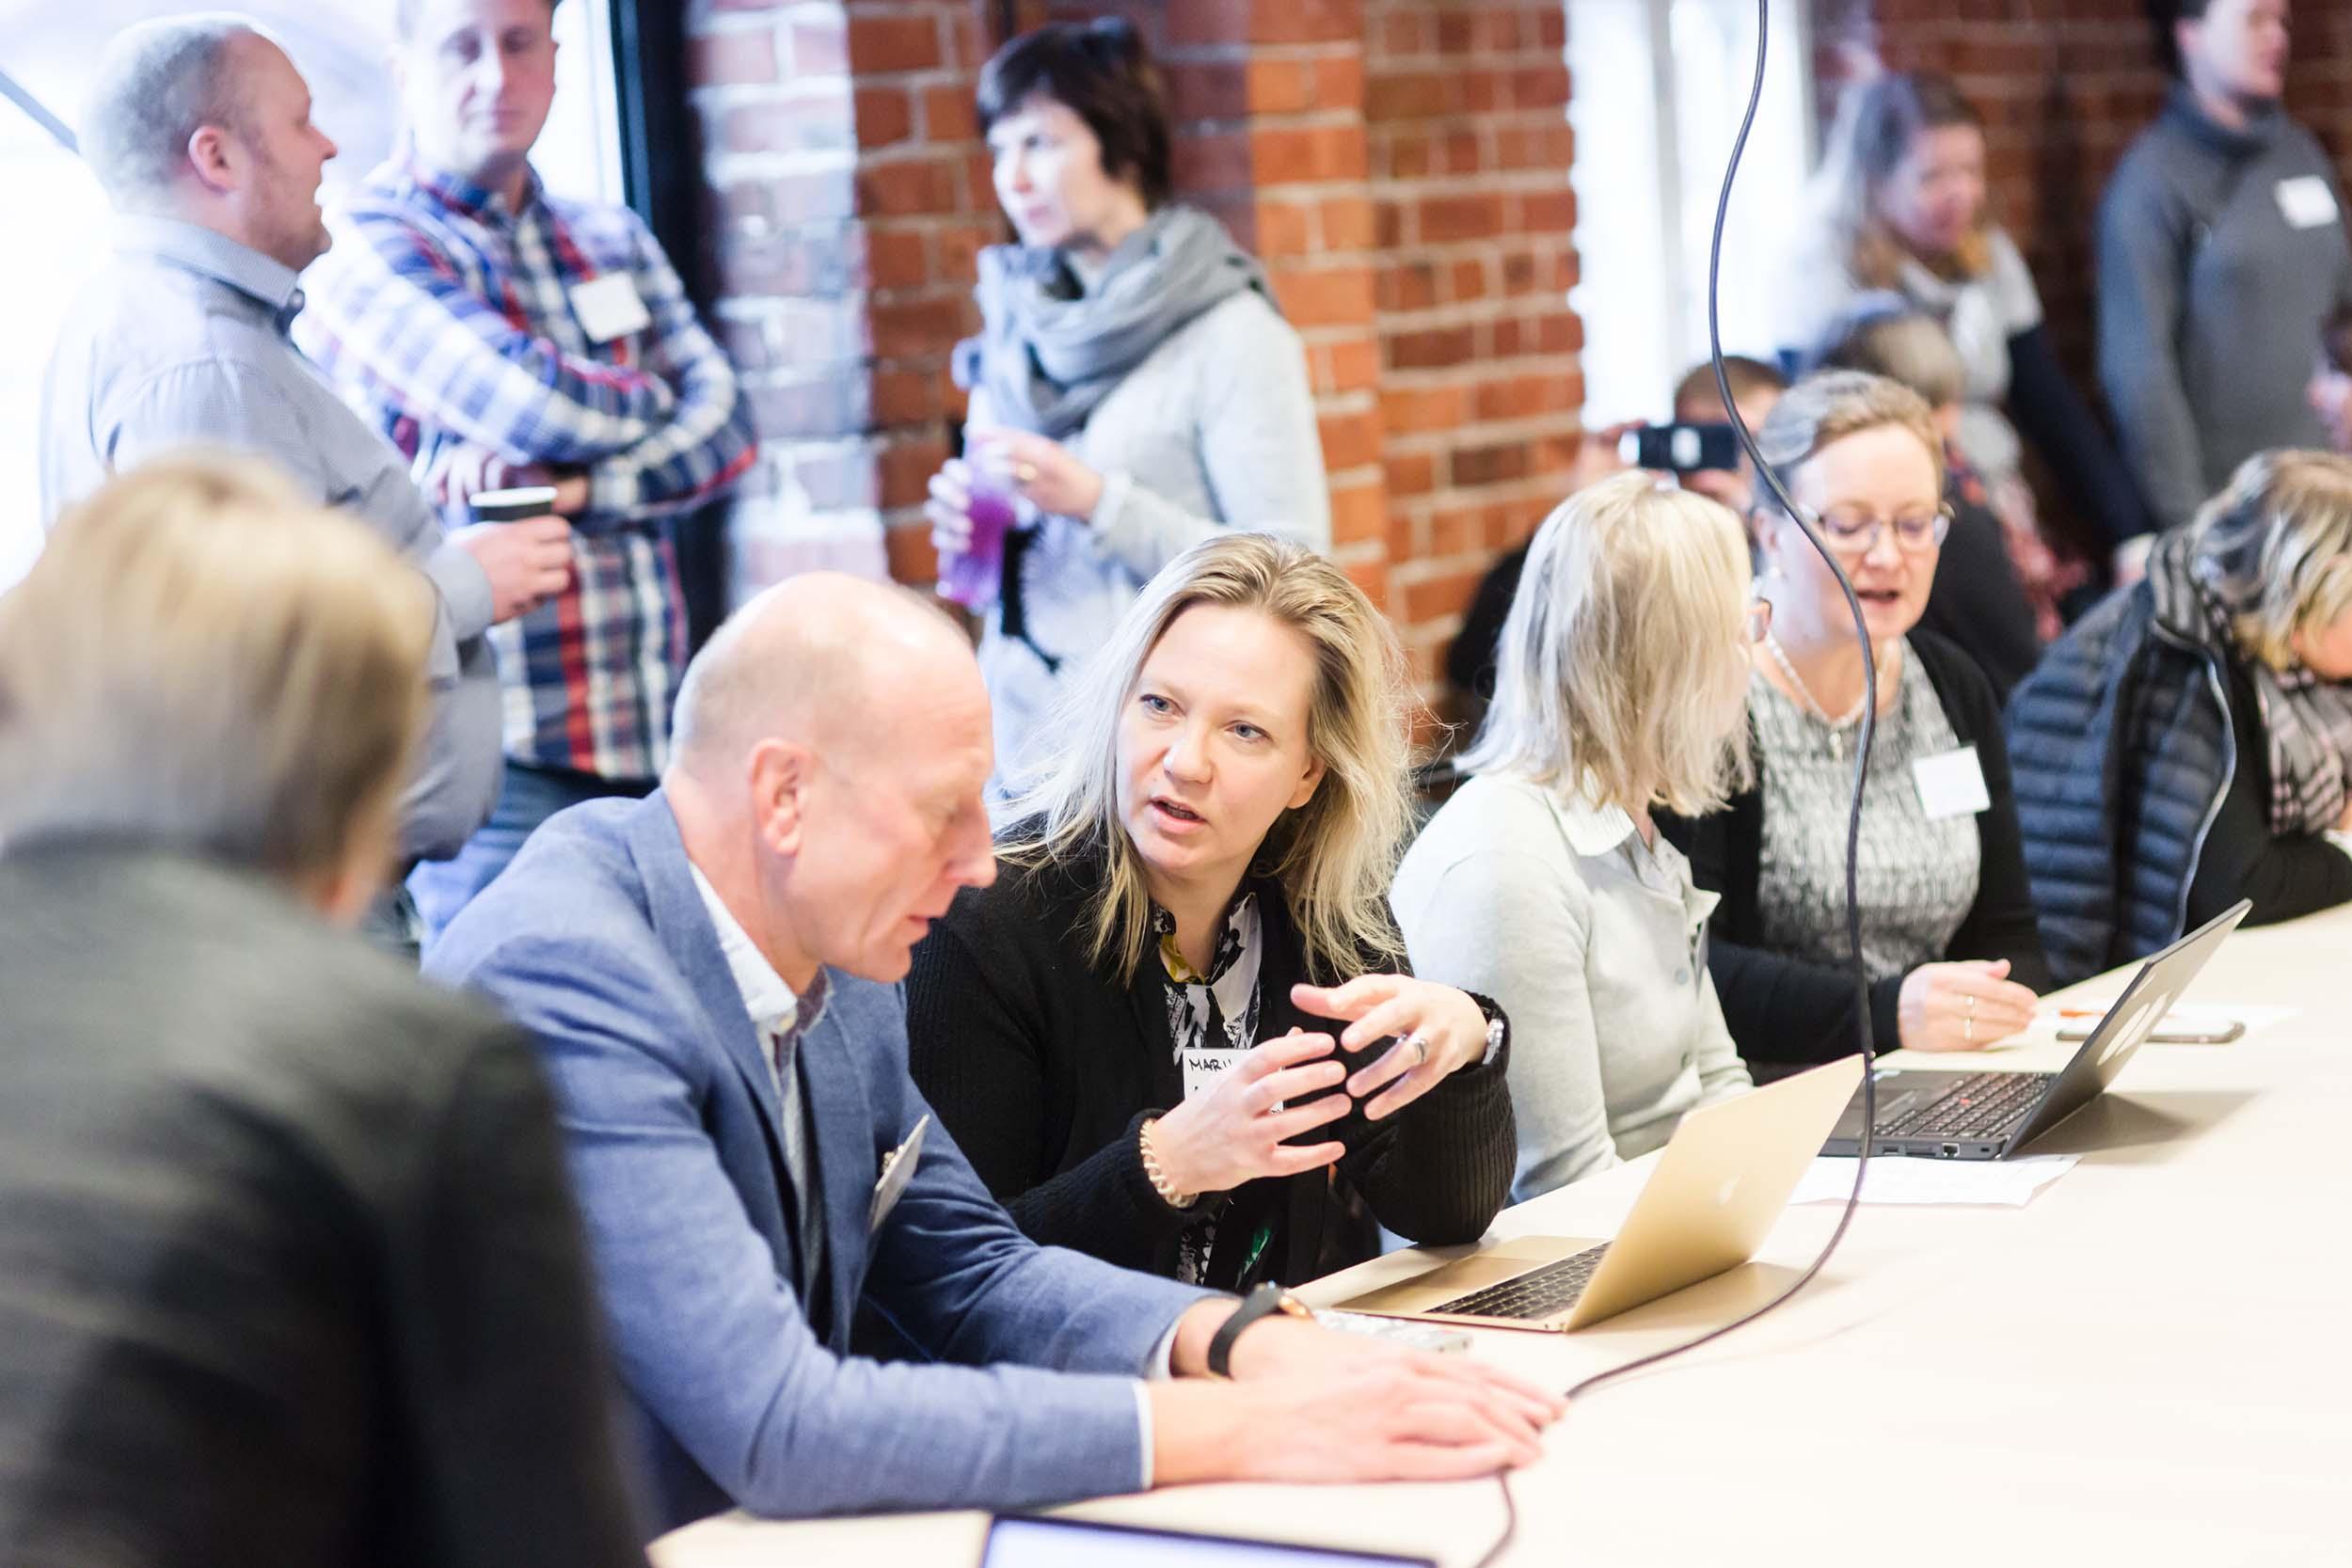 Ihmisiä, miehiä ja naisia kokoustilassa, keskustelevat pienryhmissä.